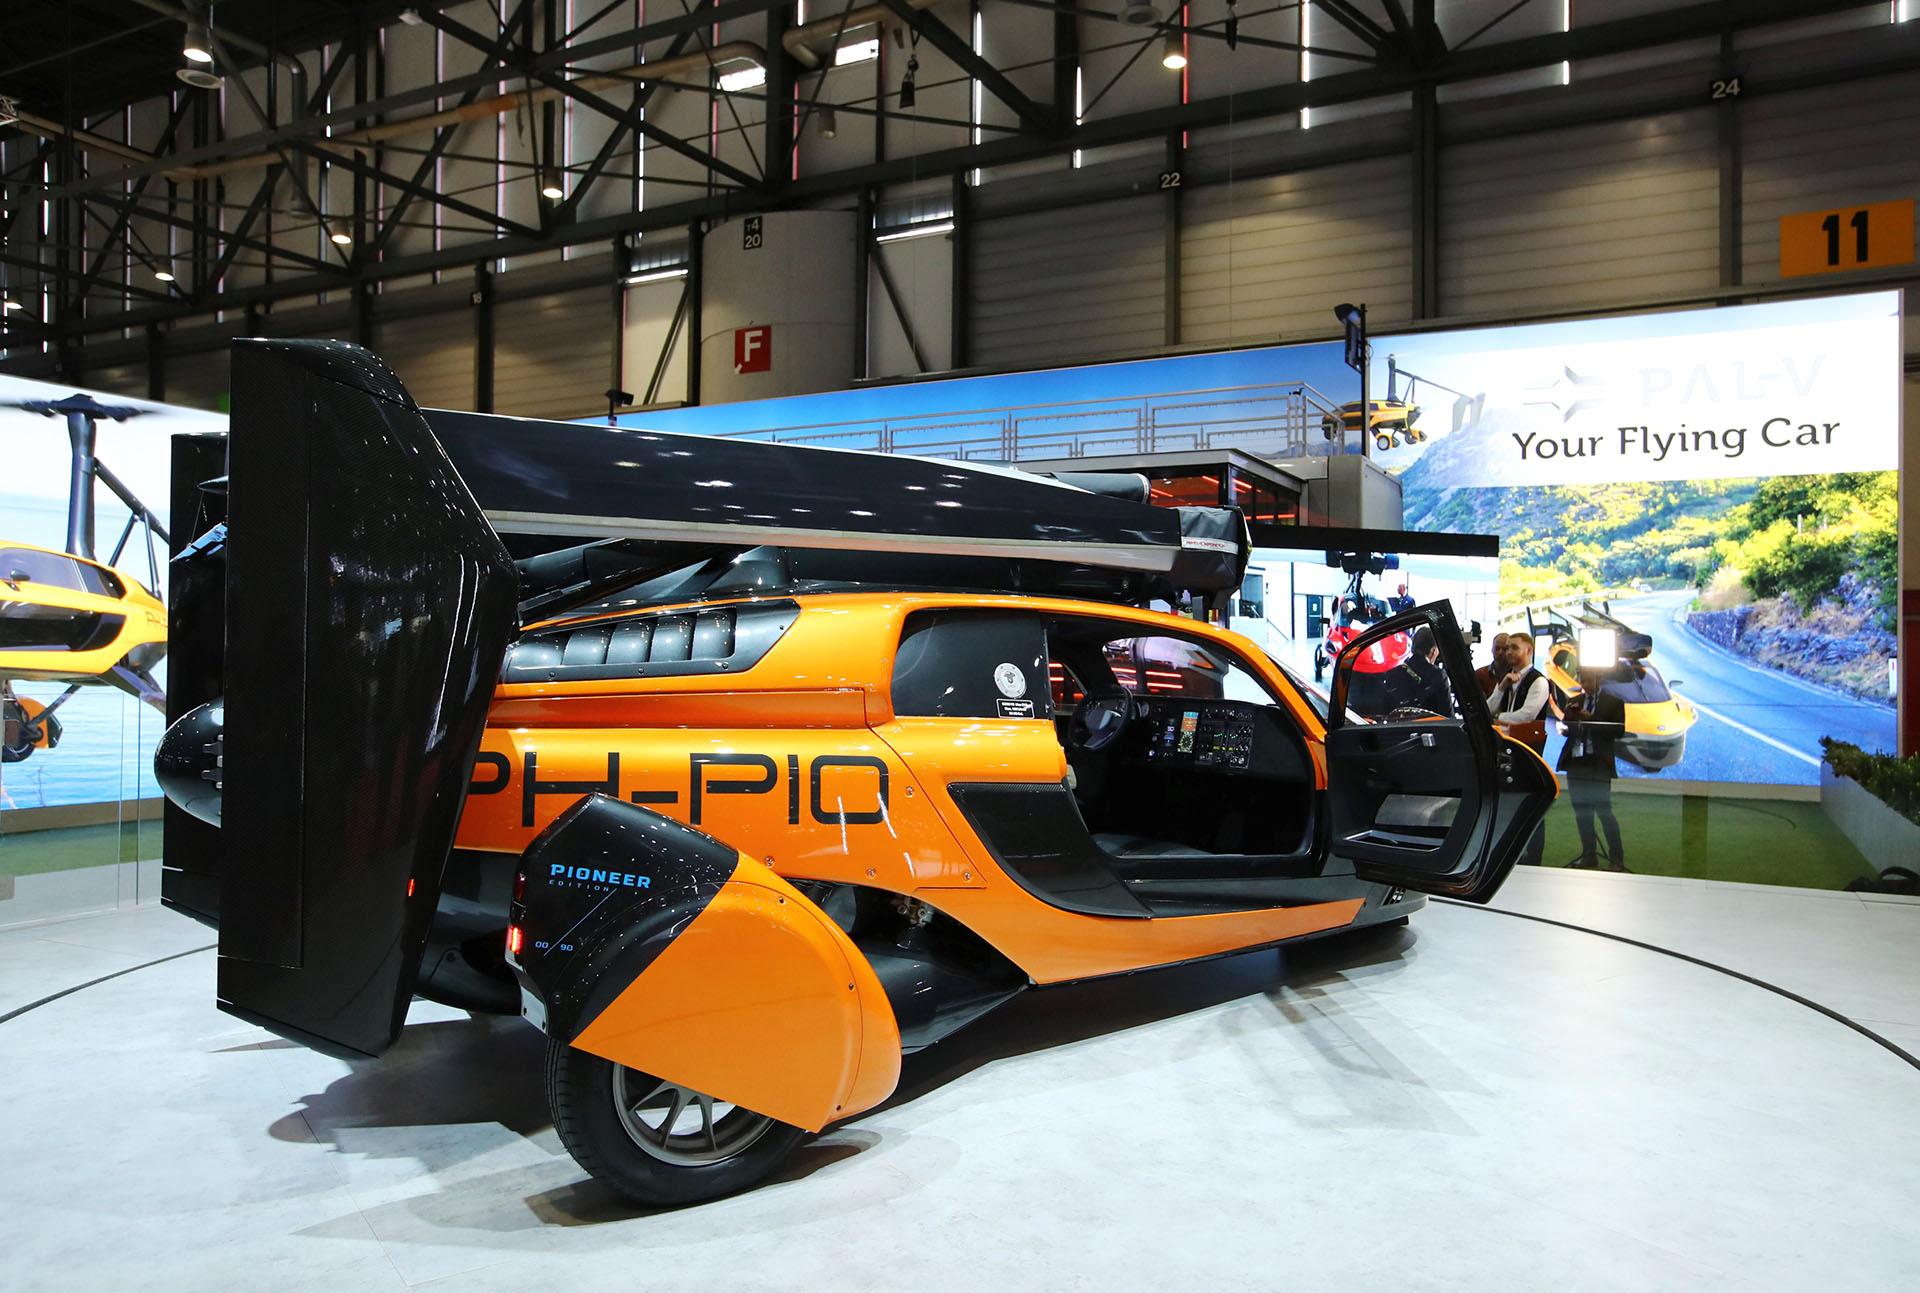 Con capacidad para 2 personas con 90 kilos de equipaje, el PAL-V Flying Car promete ser el primer automóvil volador del mercado